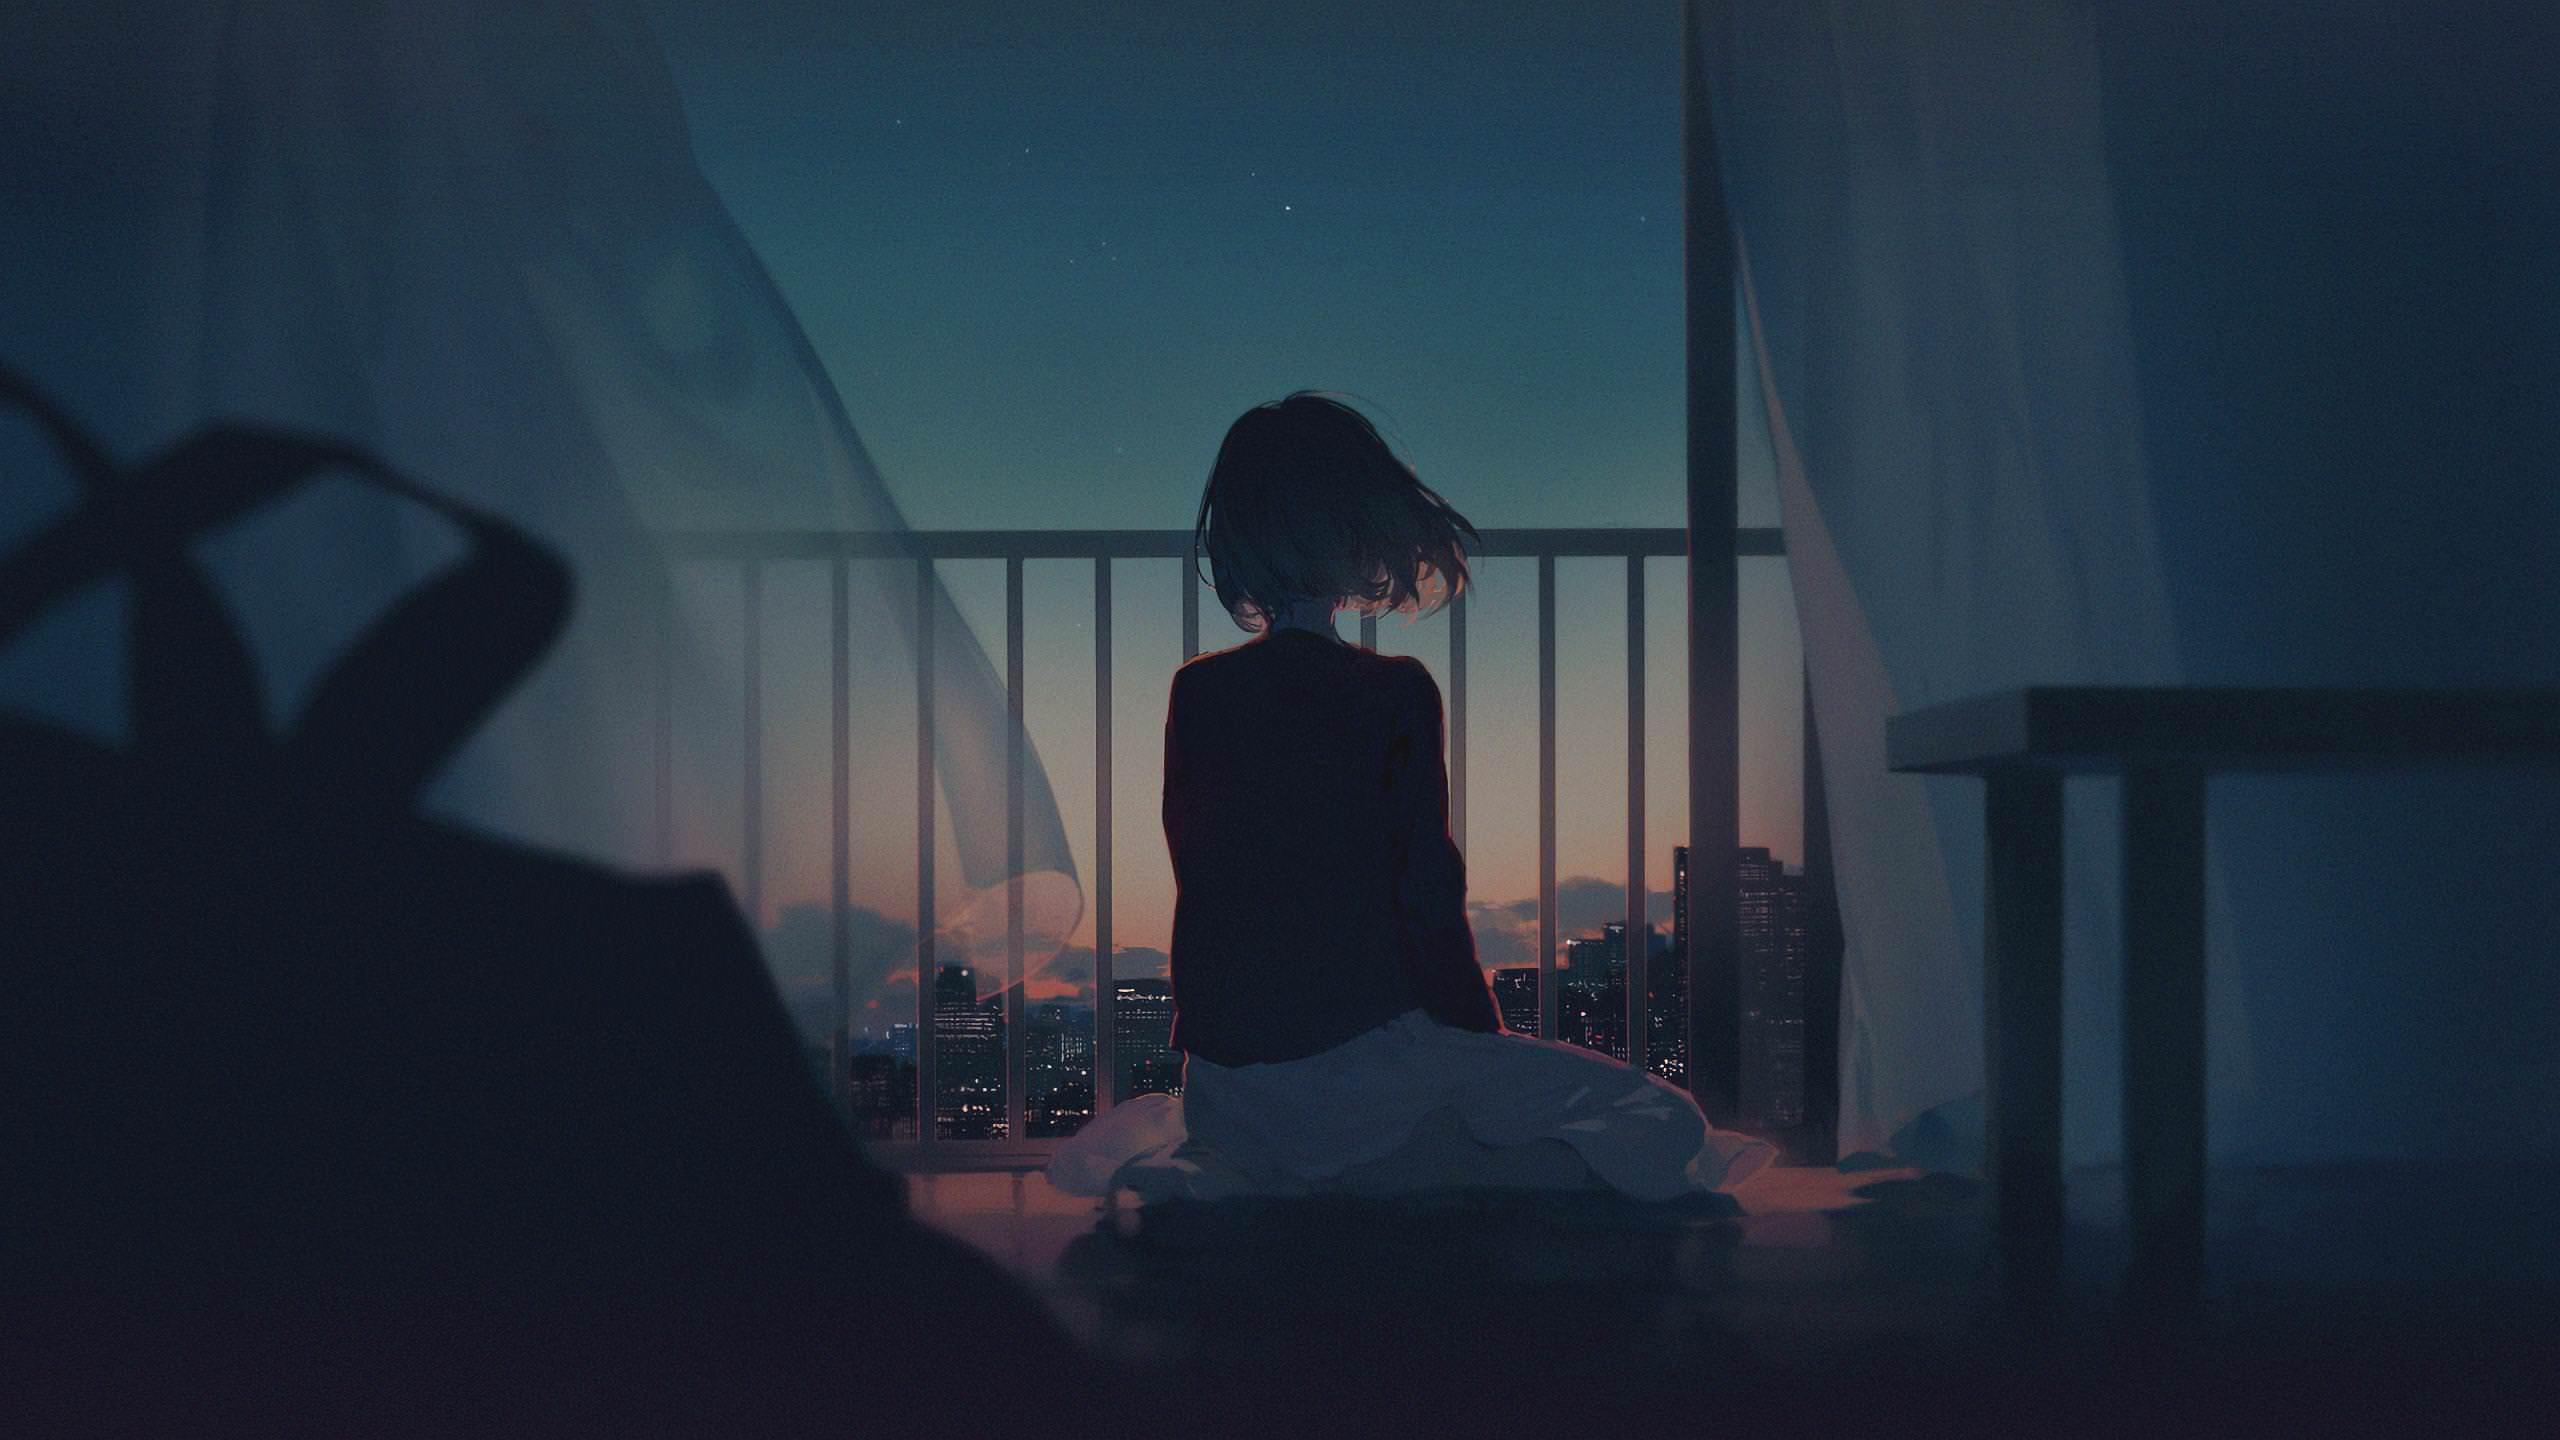 ảnh cô gái cô đơn